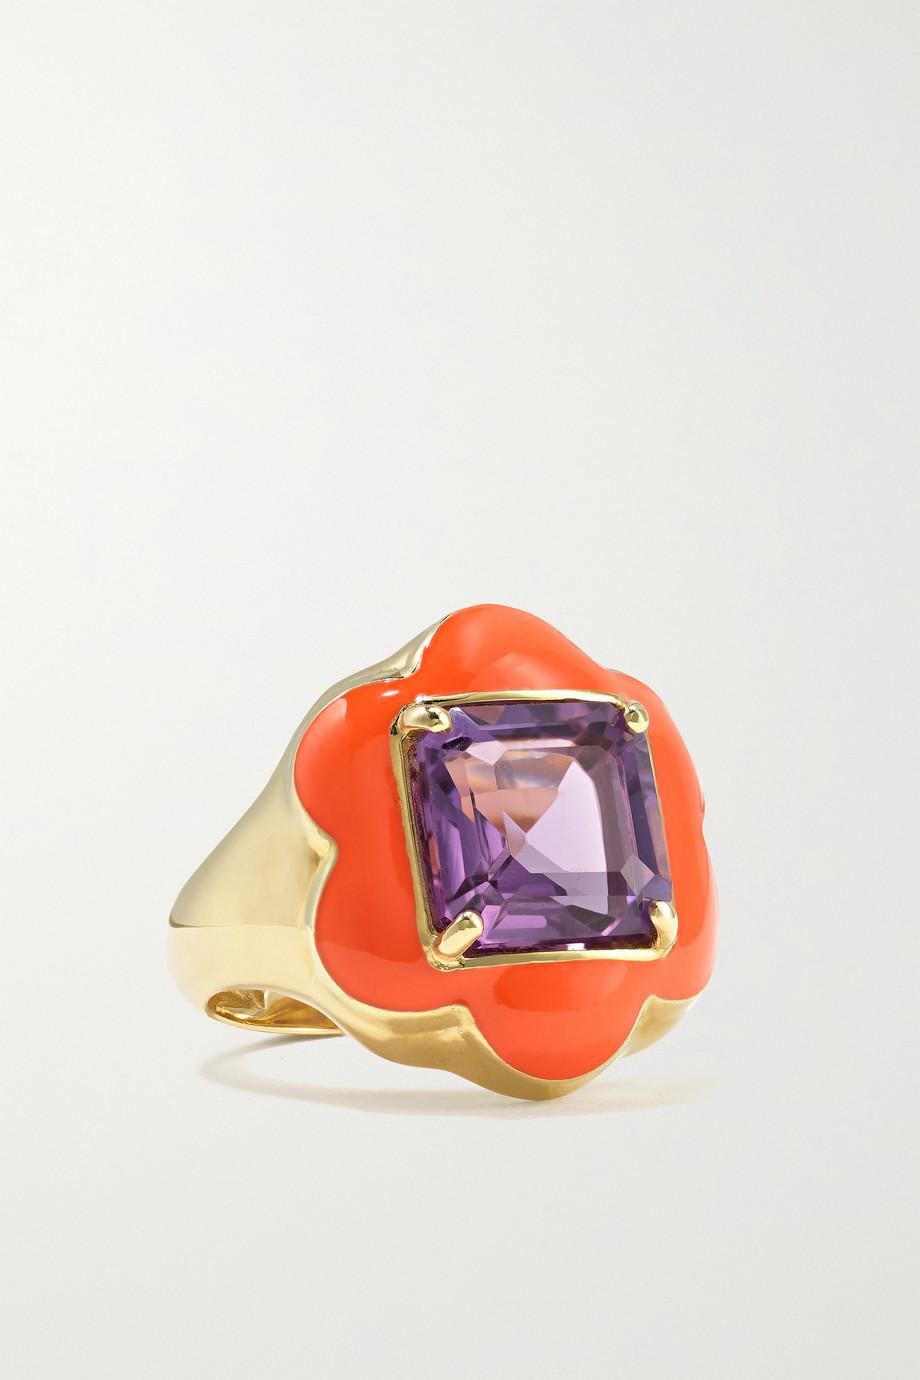 Bea Bongiasca Give Them Flowers Ring aus 9 Karat Gold mit Emaille und Amethyst